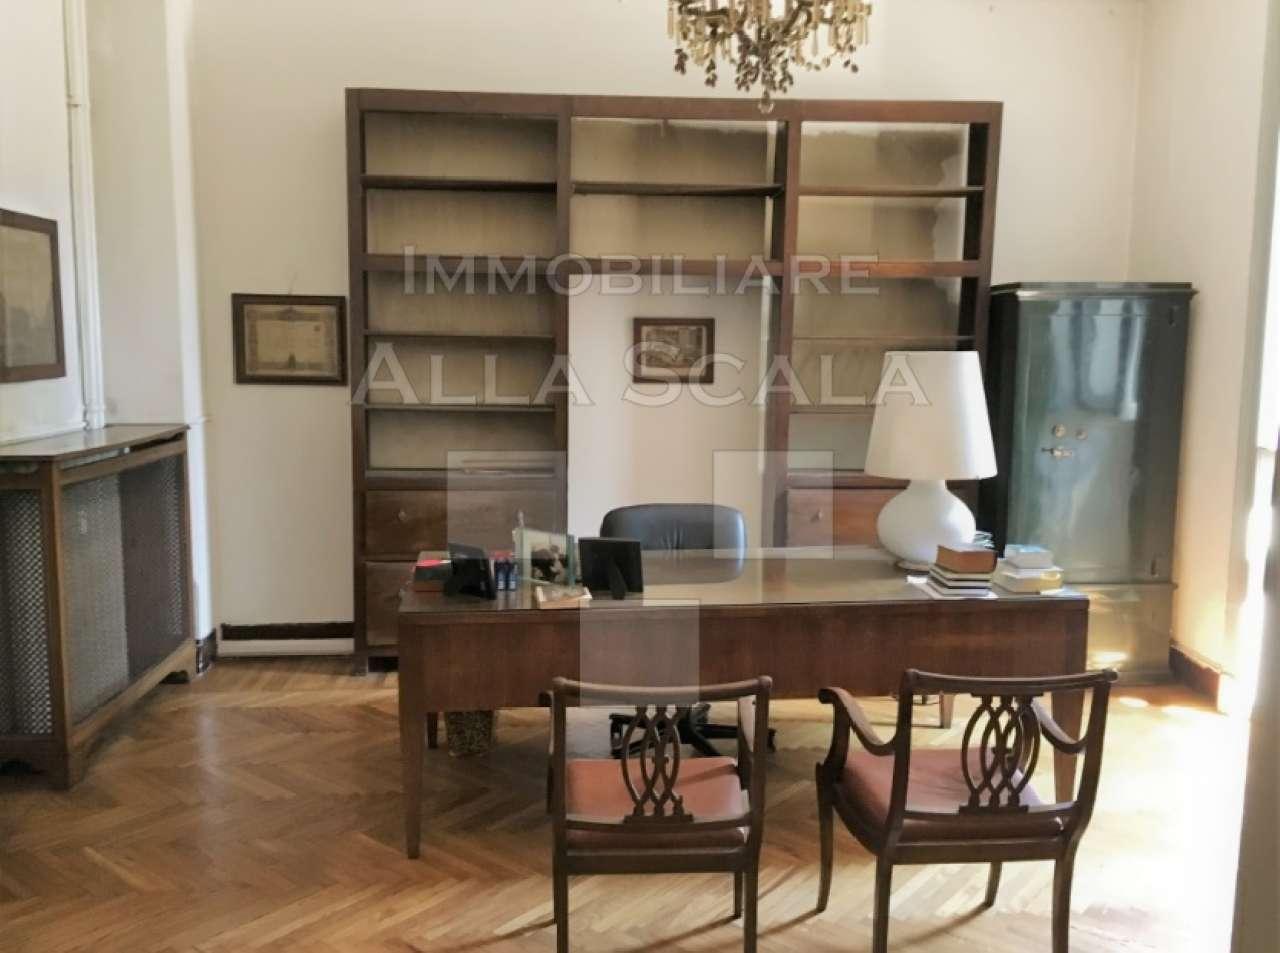 Ufficio-studio in Vendita a Milano 01 Centro storico (Cerchia dei Navigli): 5 locali, 190 mq